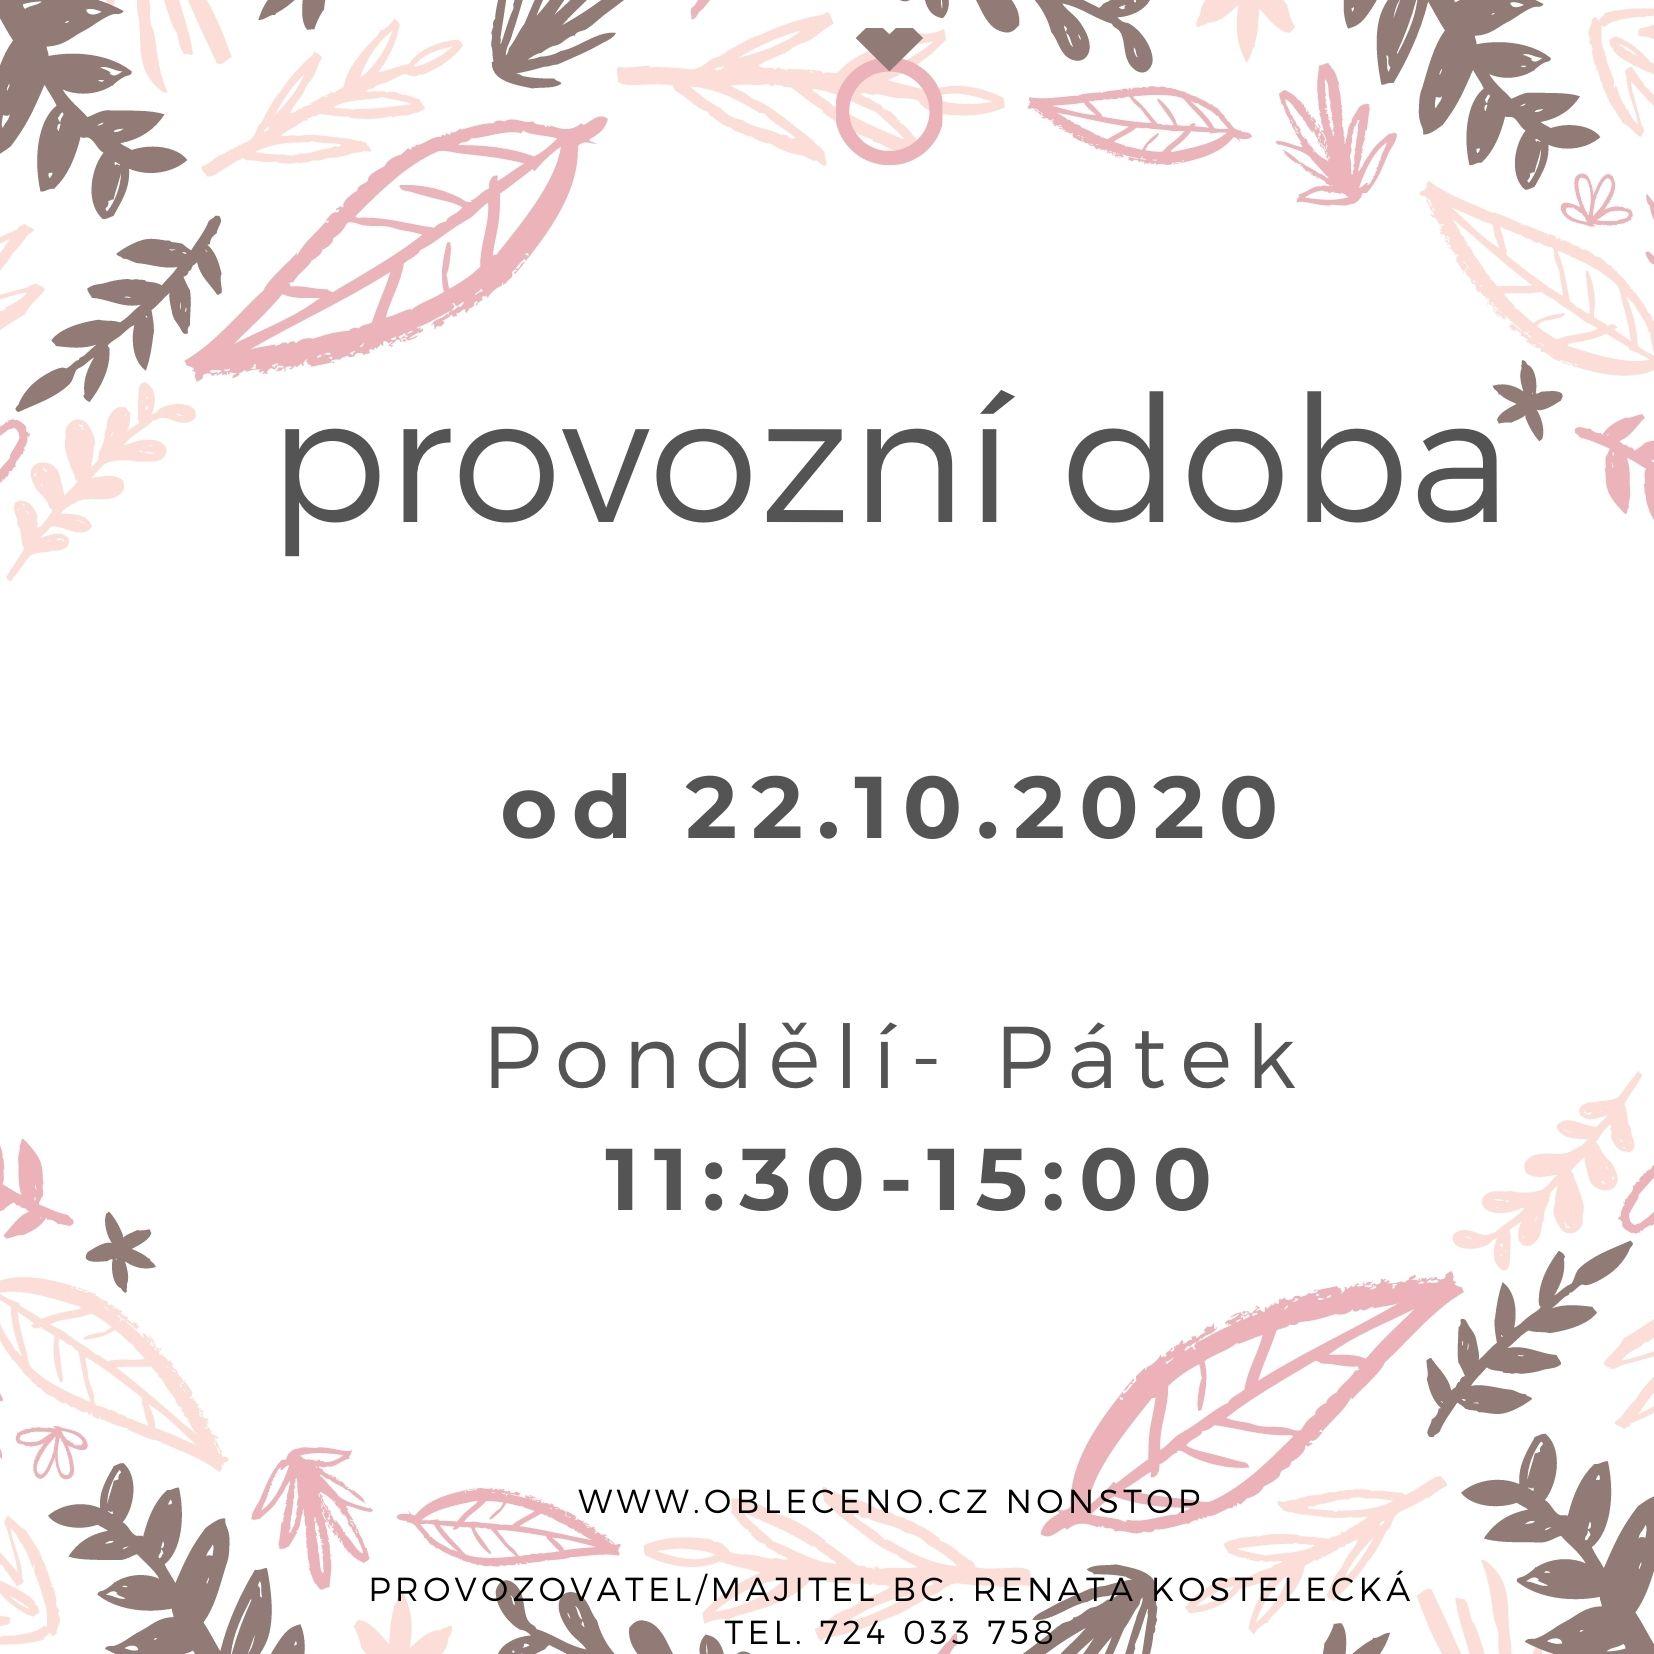 otevírací doba od 22.10. 2020 DOBA COVIDOVÁ